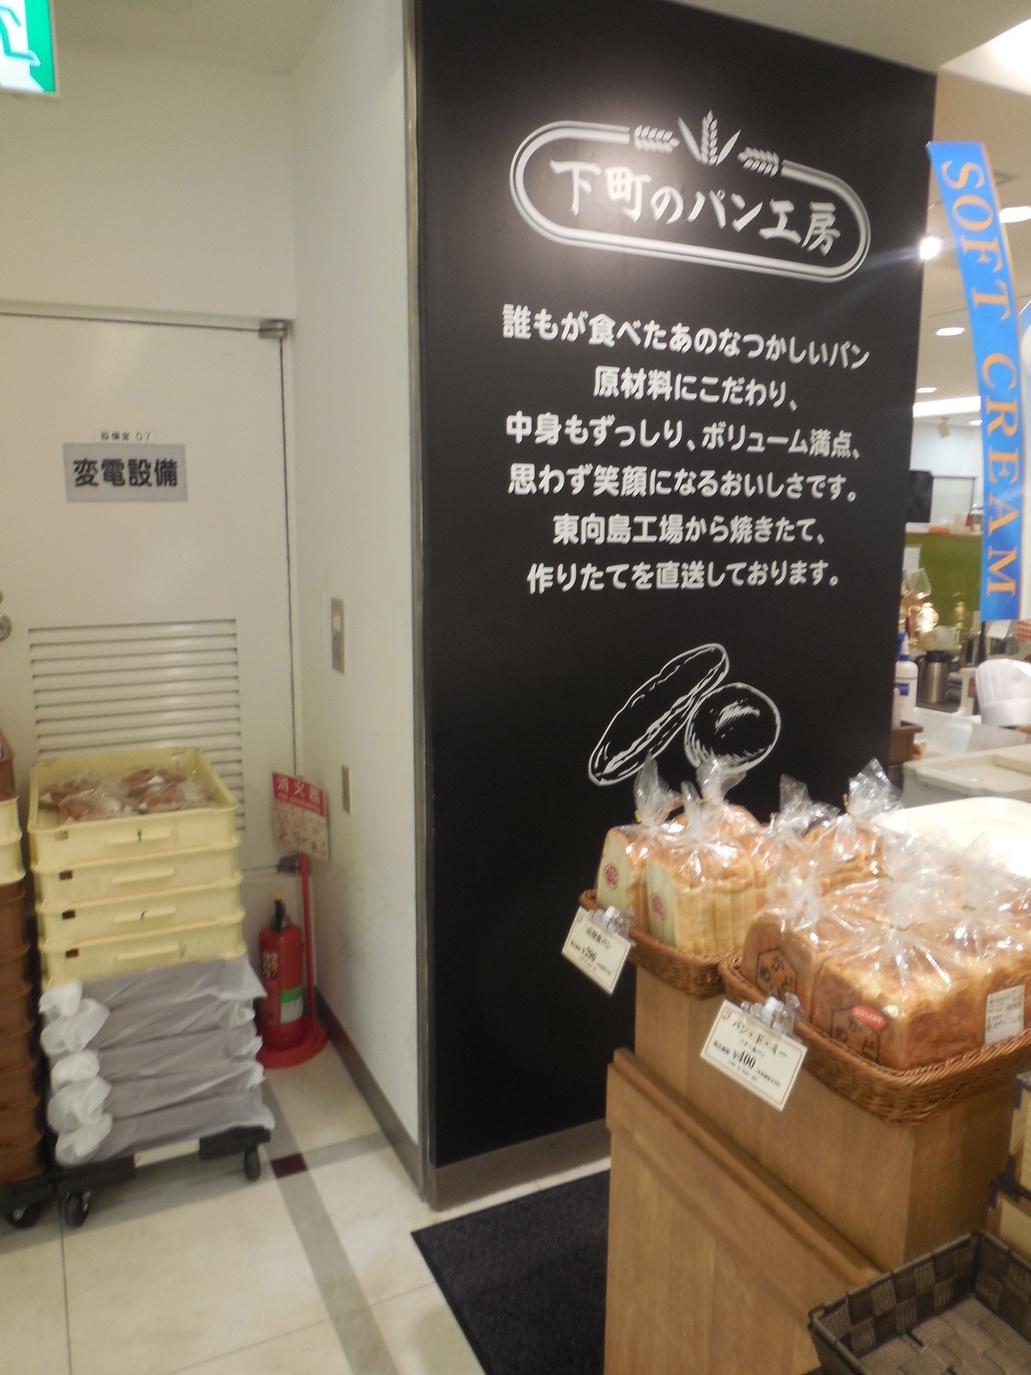 下町のパン工房 亀戸店